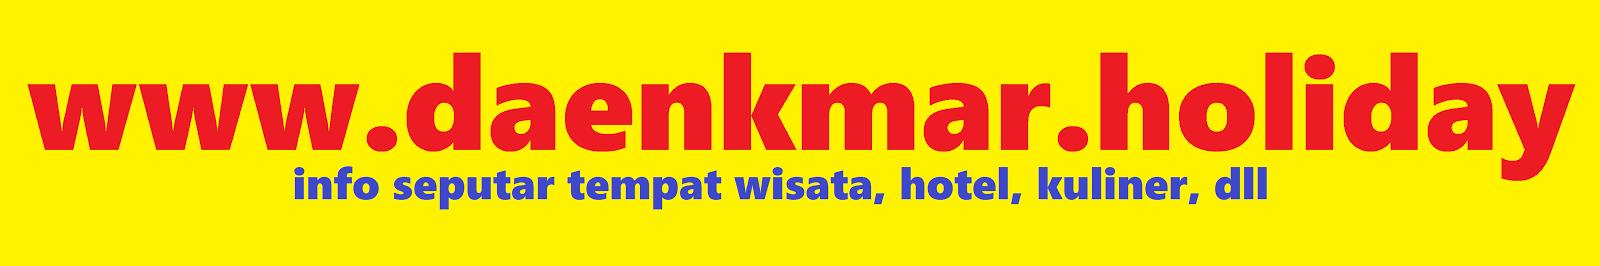 Daenkmar Holiday Info